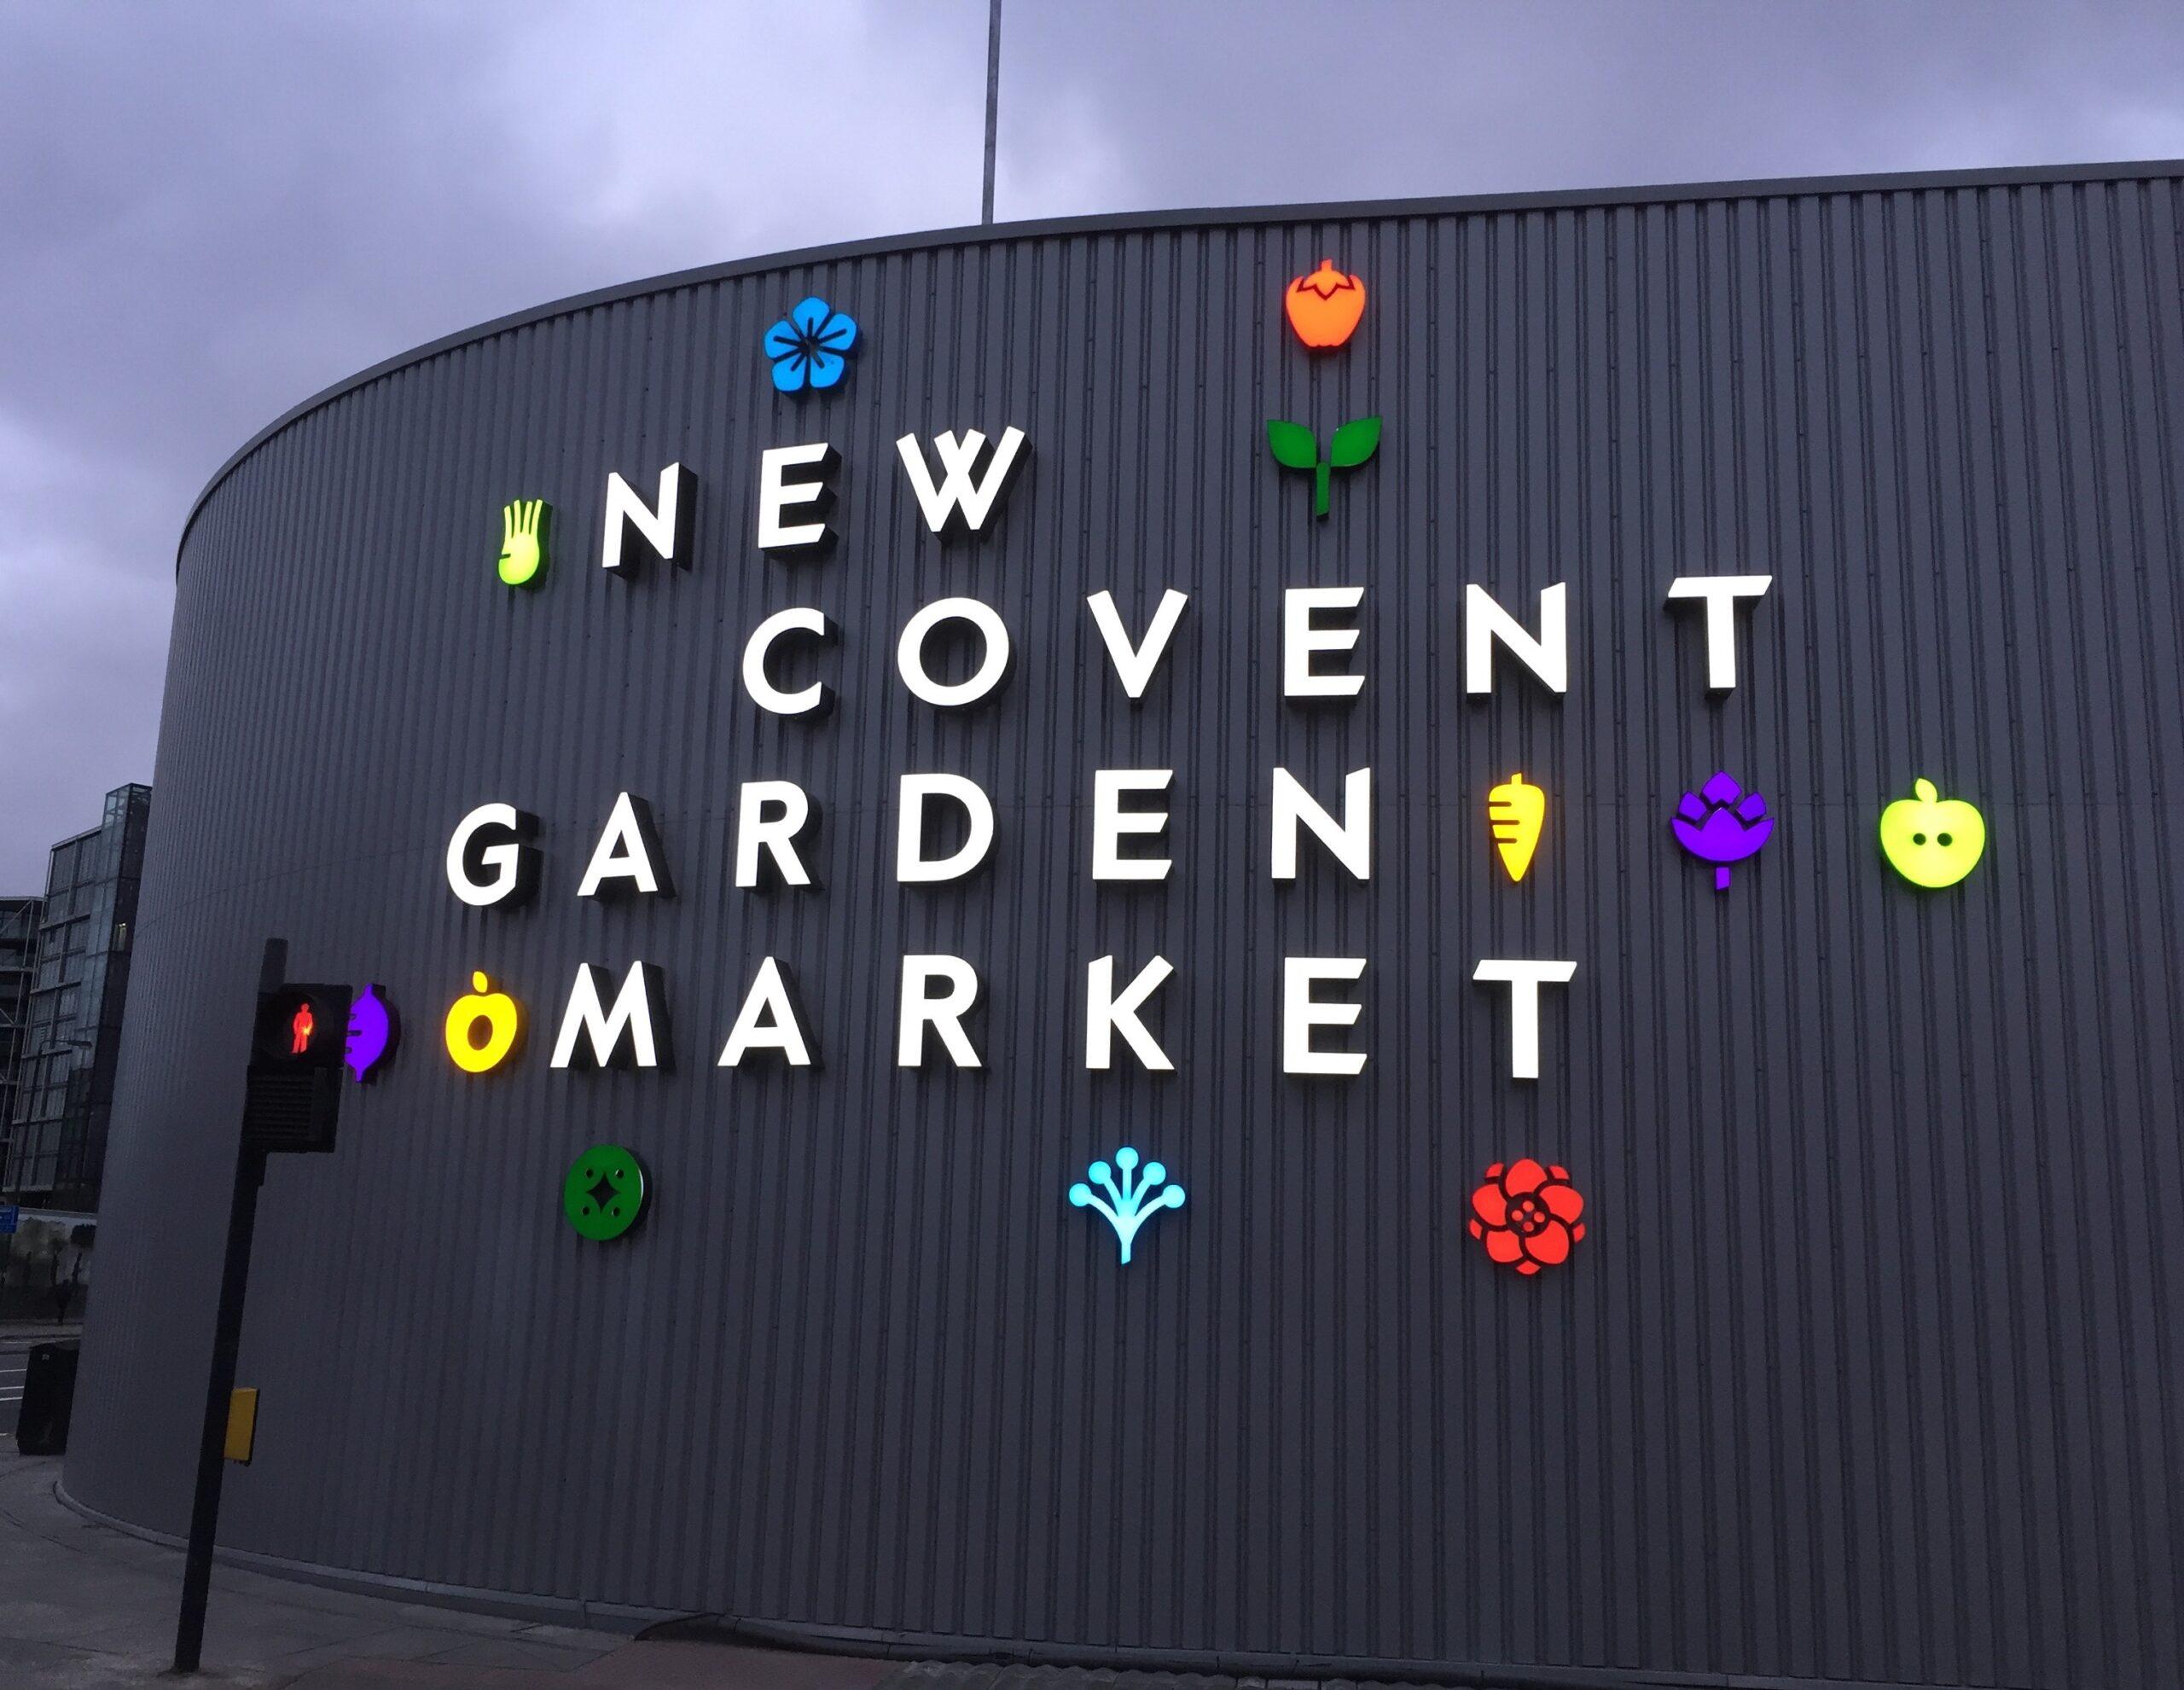 new covent garden market, nine elms